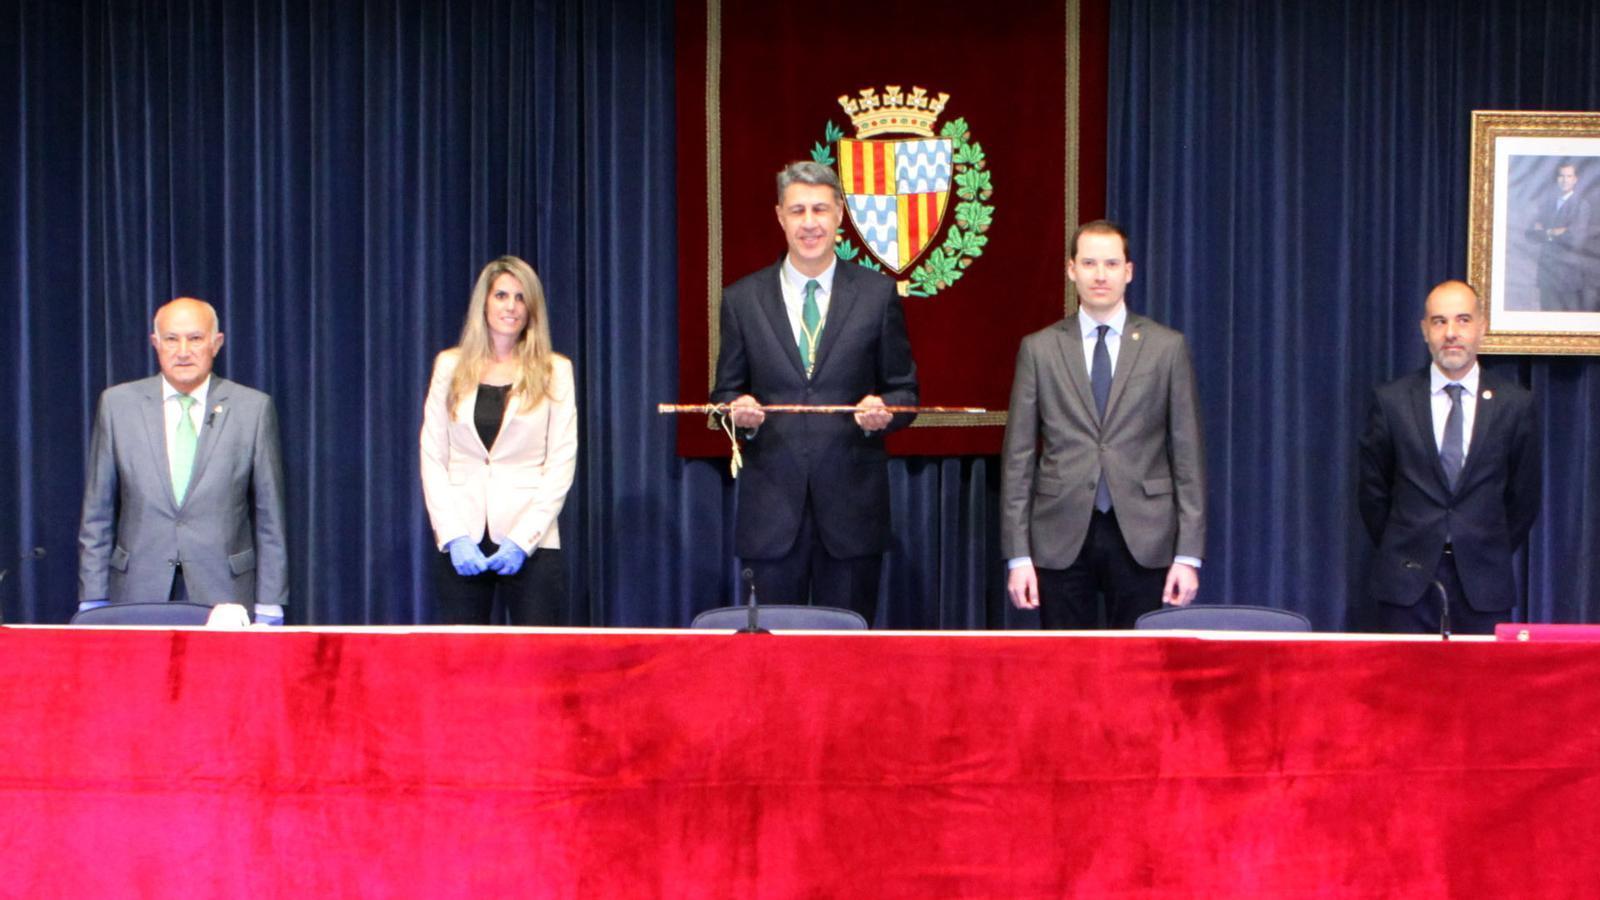 García Albiol és el nou alcalde de Badalona i els exàmens de selectivitat també es faran en instituts: les claus del vespre, amb Antoni Bassas (12/05/2020)